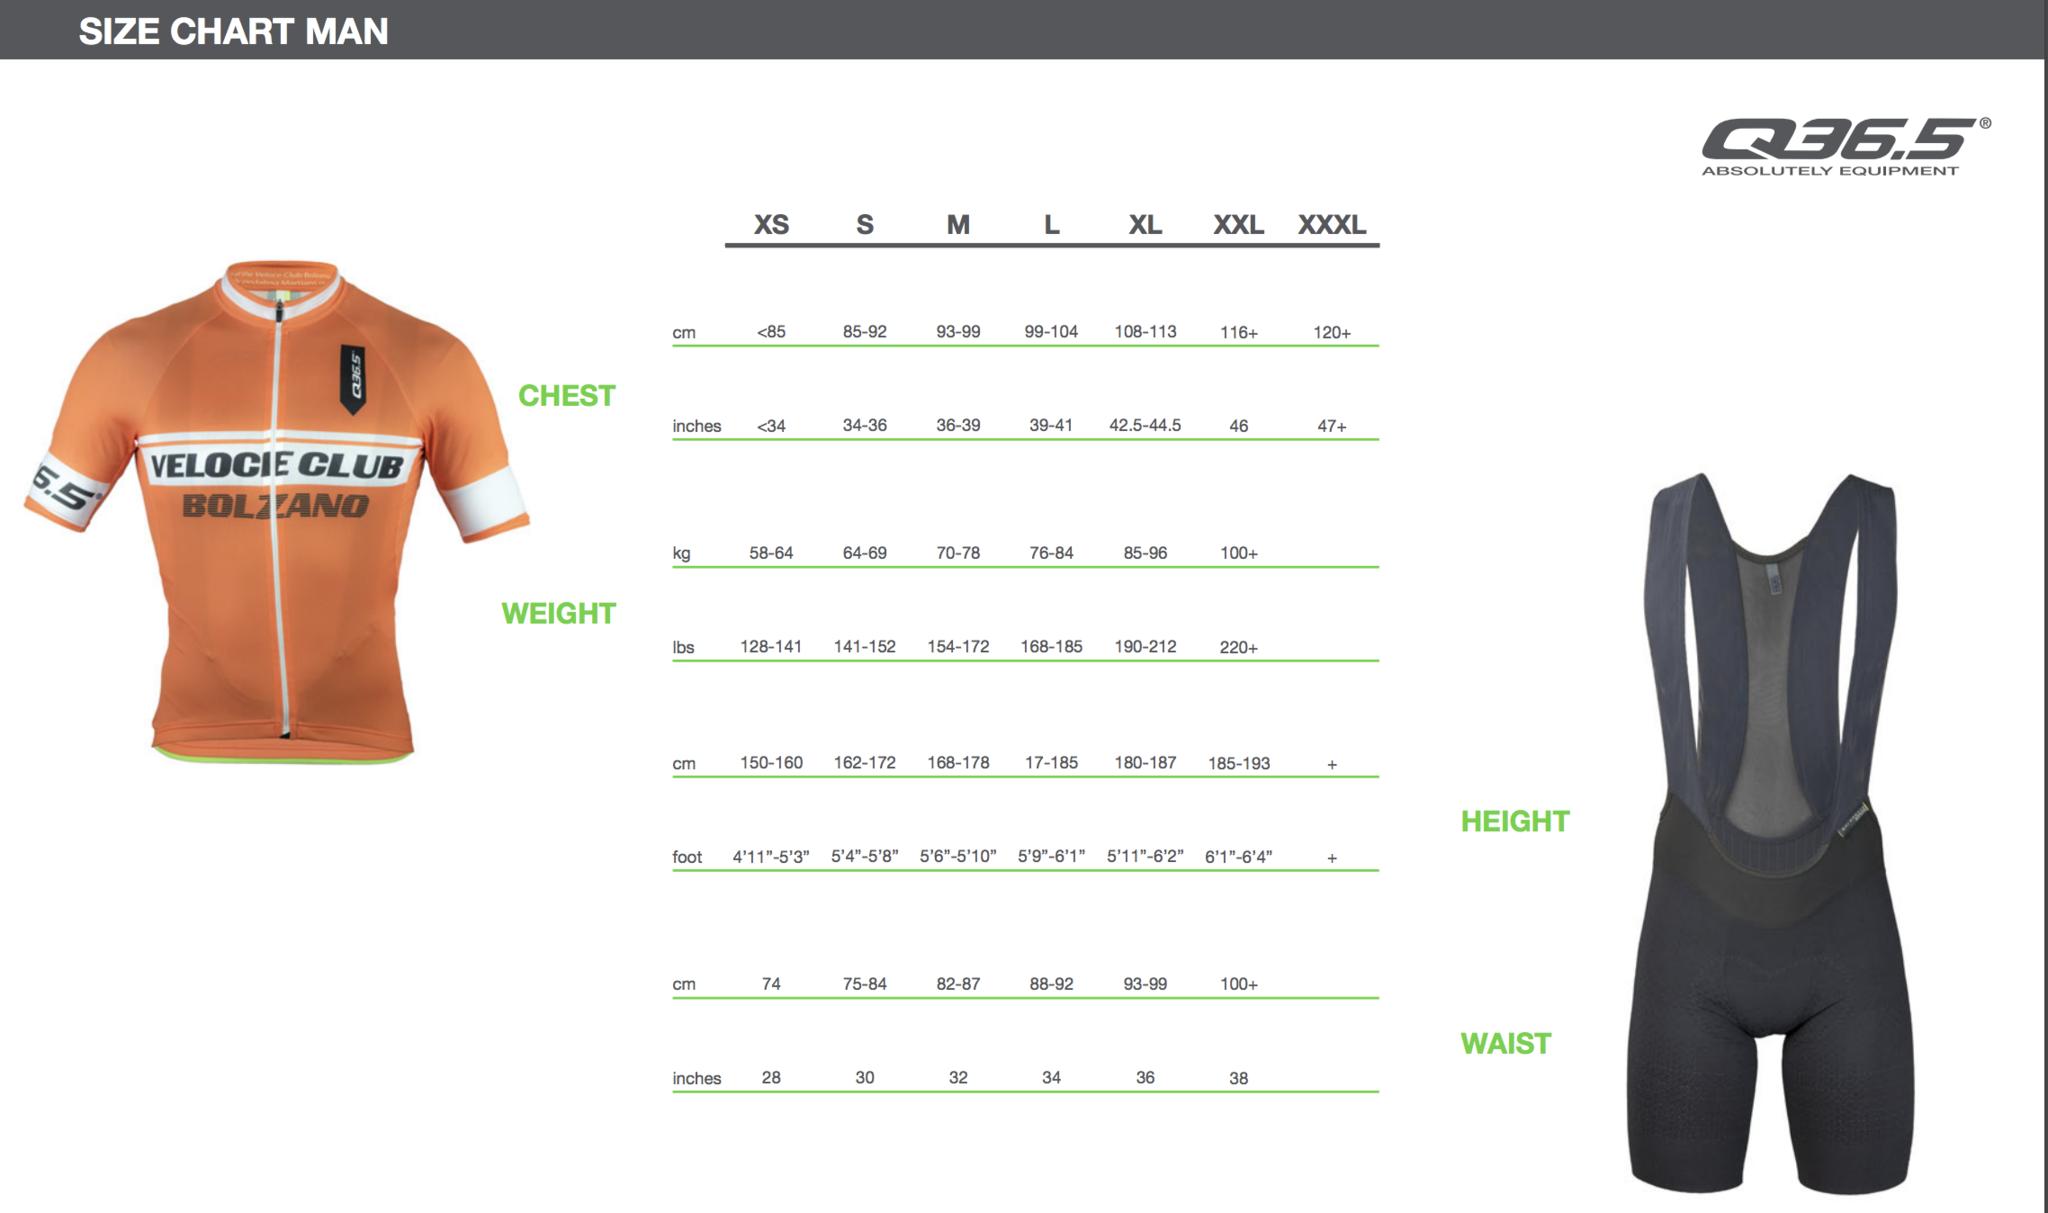 Q36.5 Size Chart